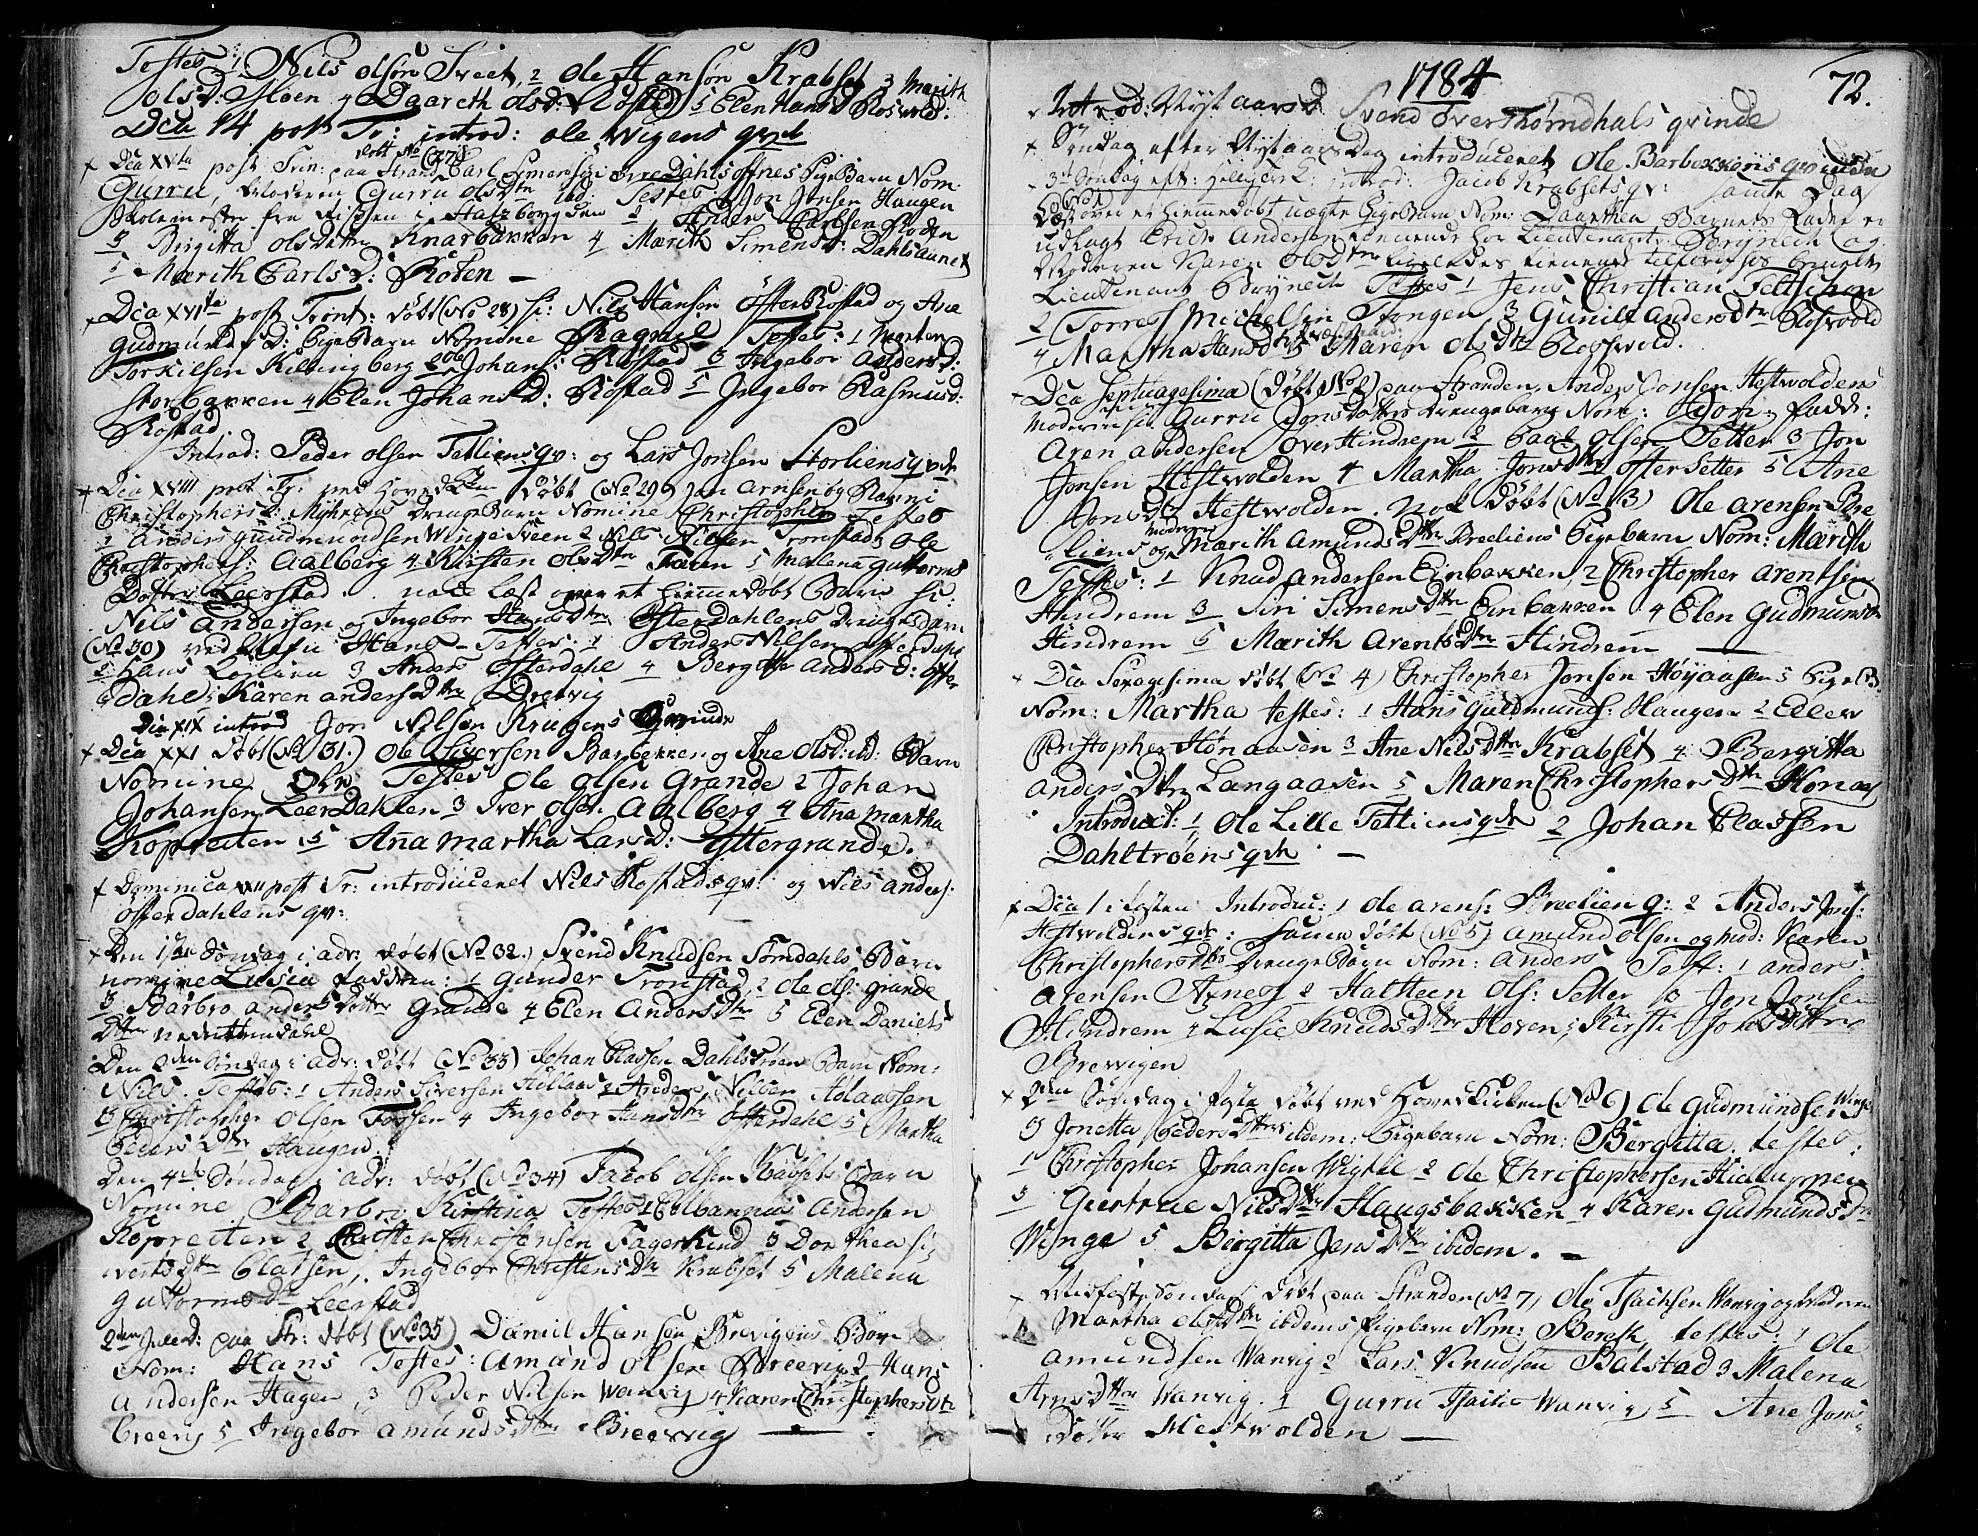 SAT, Ministerialprotokoller, klokkerbøker og fødselsregistre - Nord-Trøndelag, 701/L0004: Ministerialbok nr. 701A04, 1783-1816, s. 72